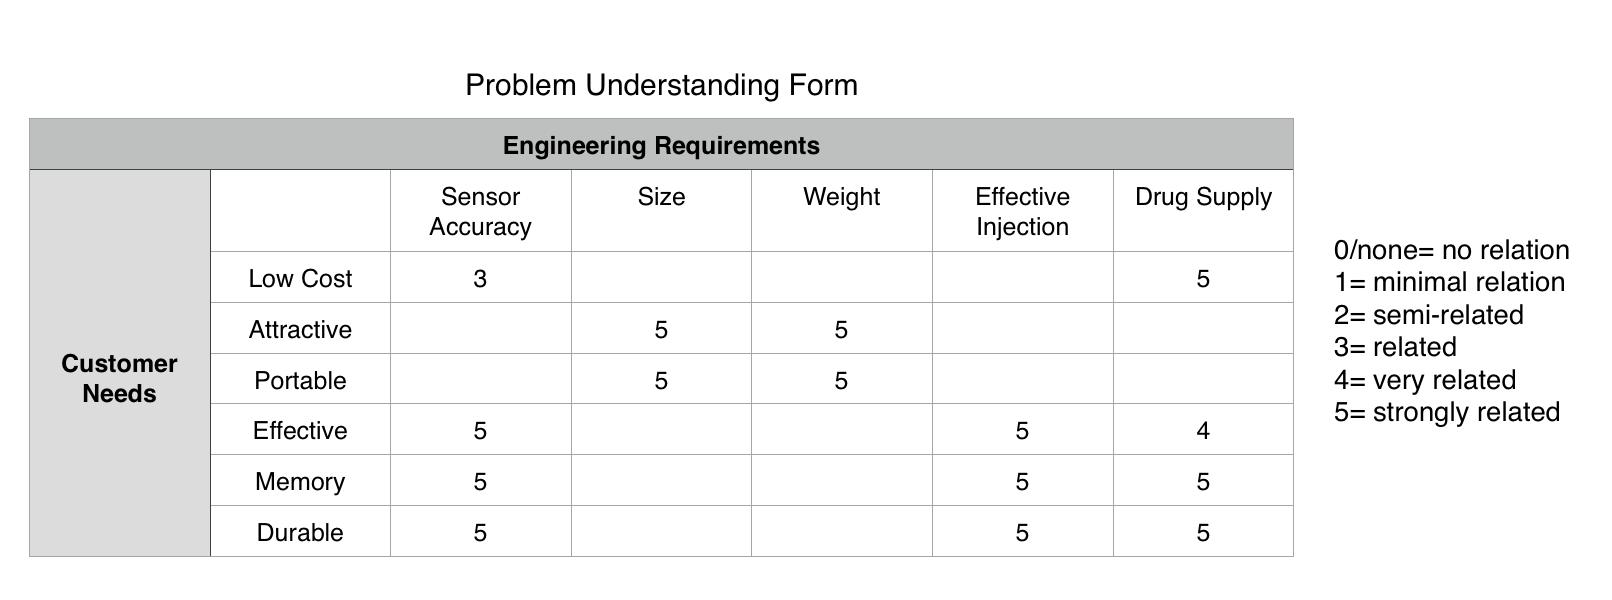 ProblemUnderstandingForm.png